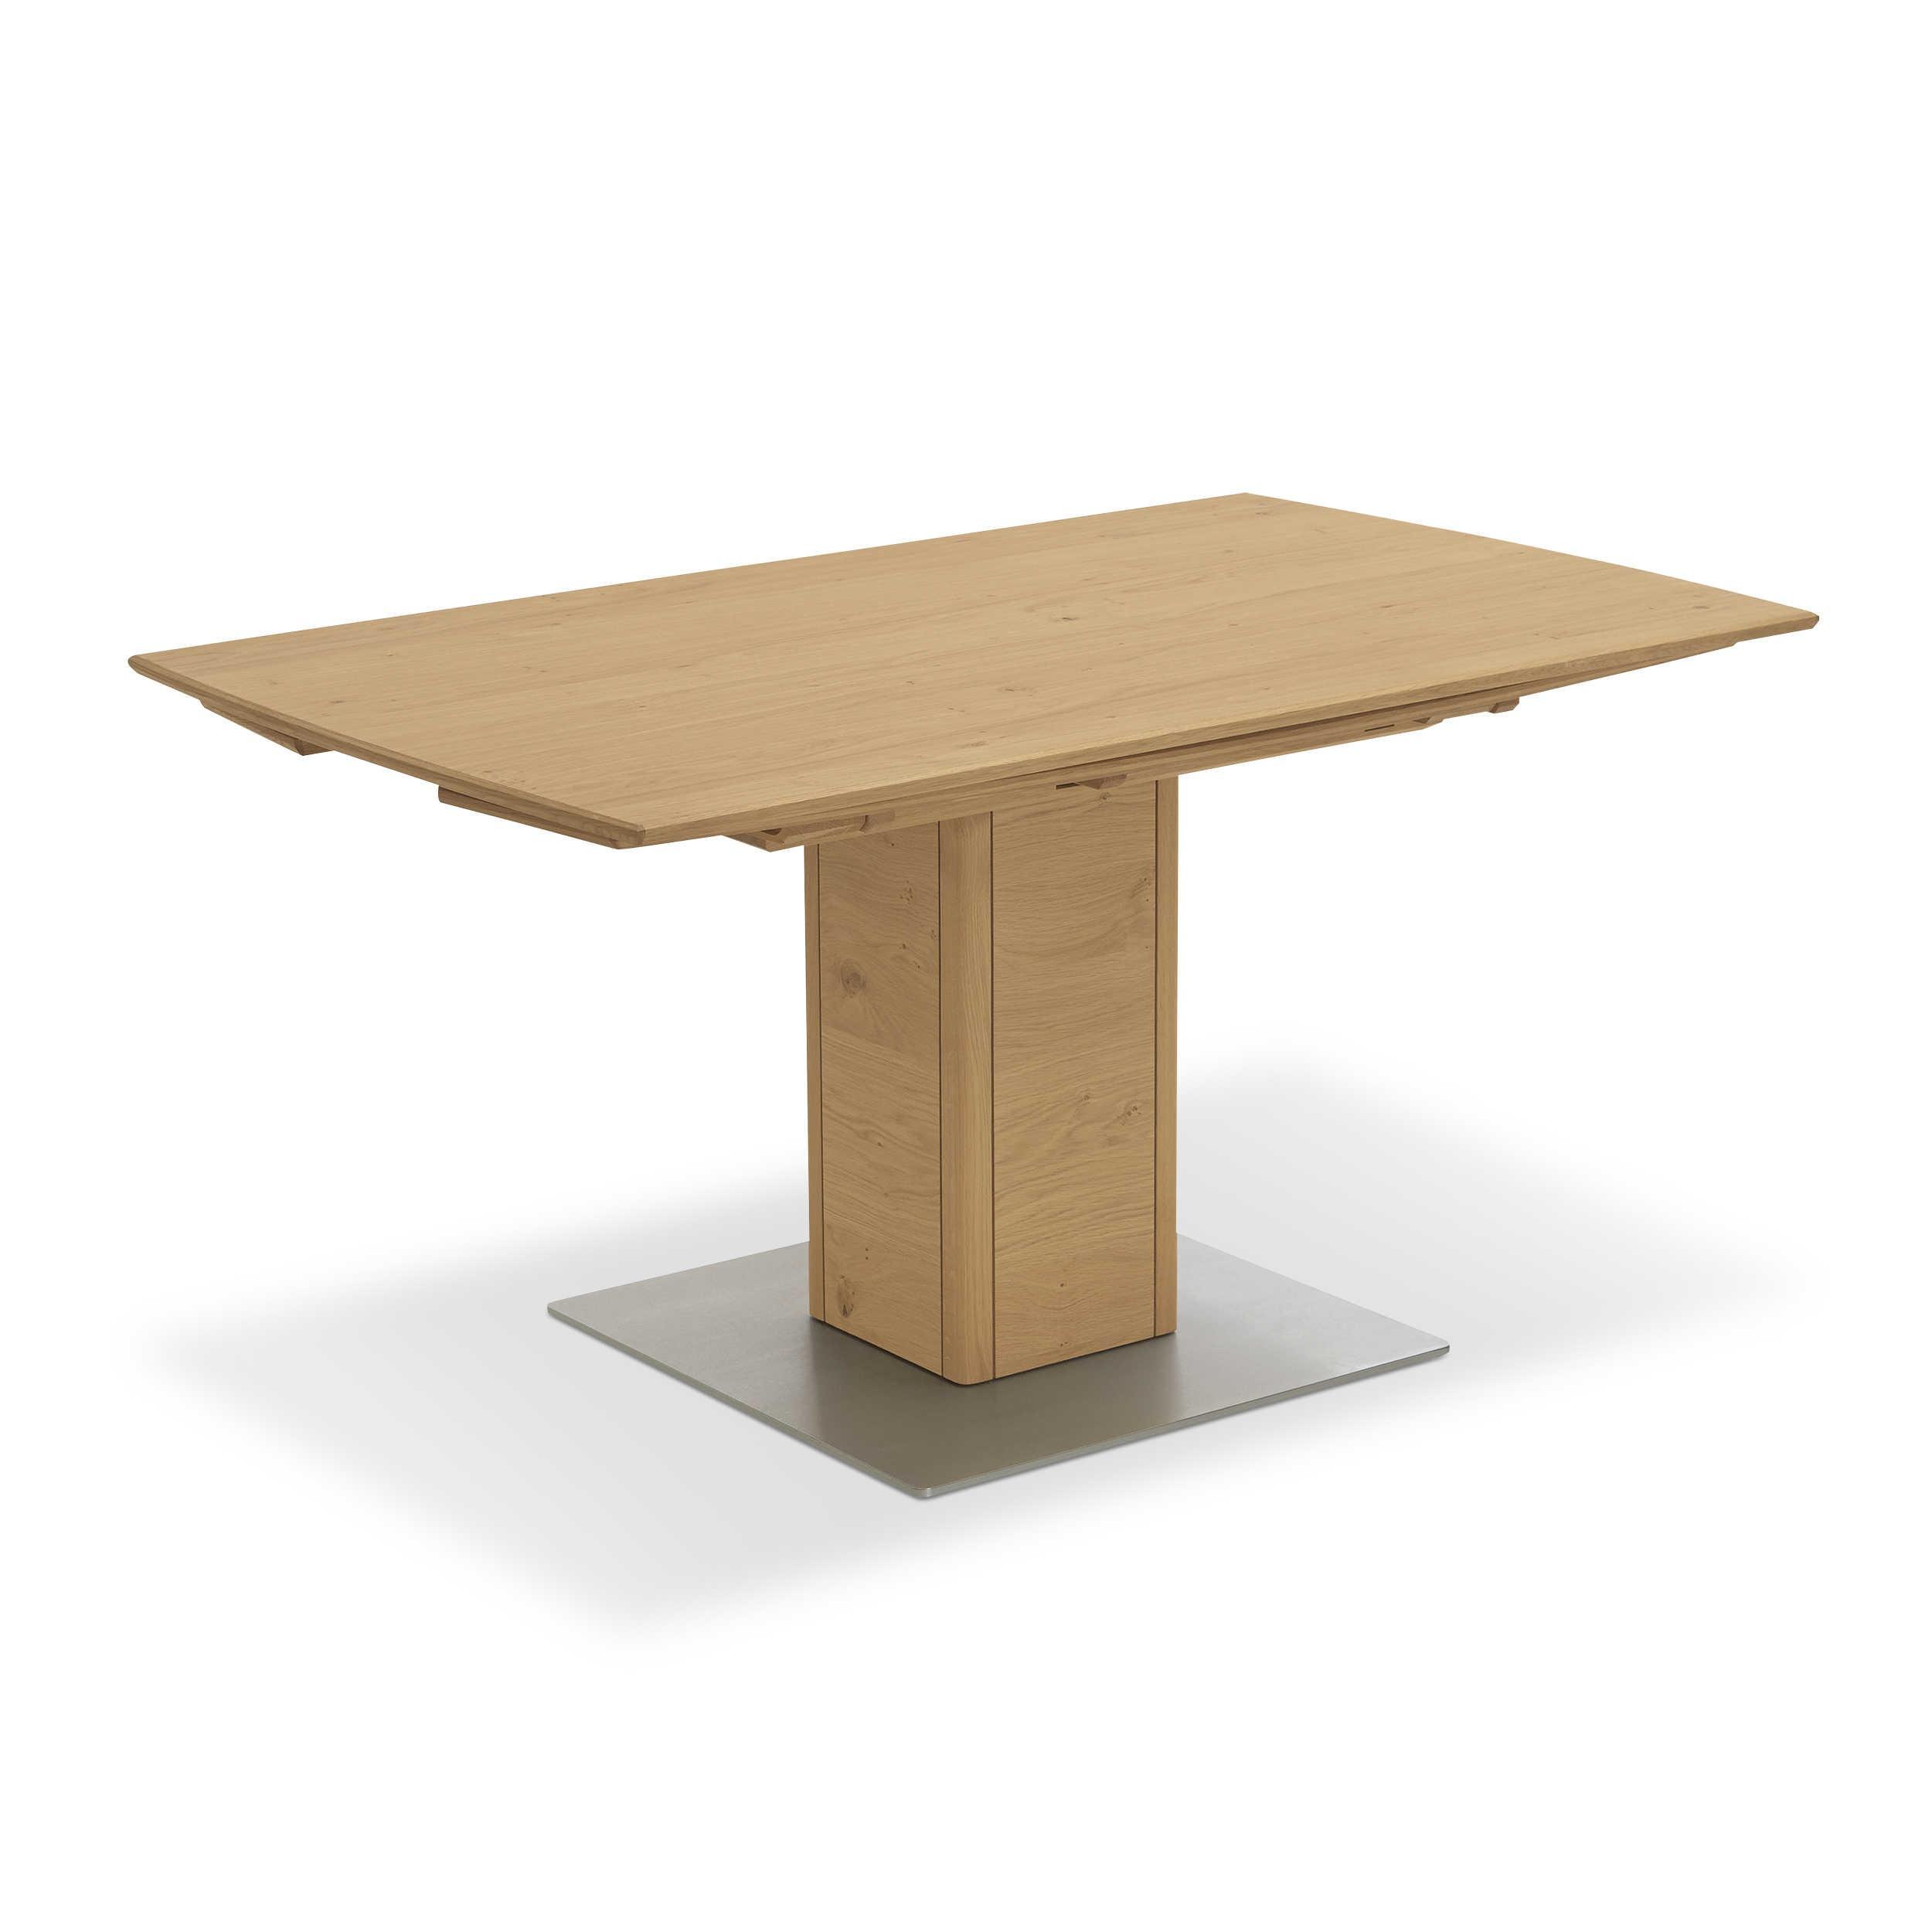 venjakob esstisch mit auszug et2064 170 x 100 170 cm eiche holz online kaufen bei woonio. Black Bedroom Furniture Sets. Home Design Ideas